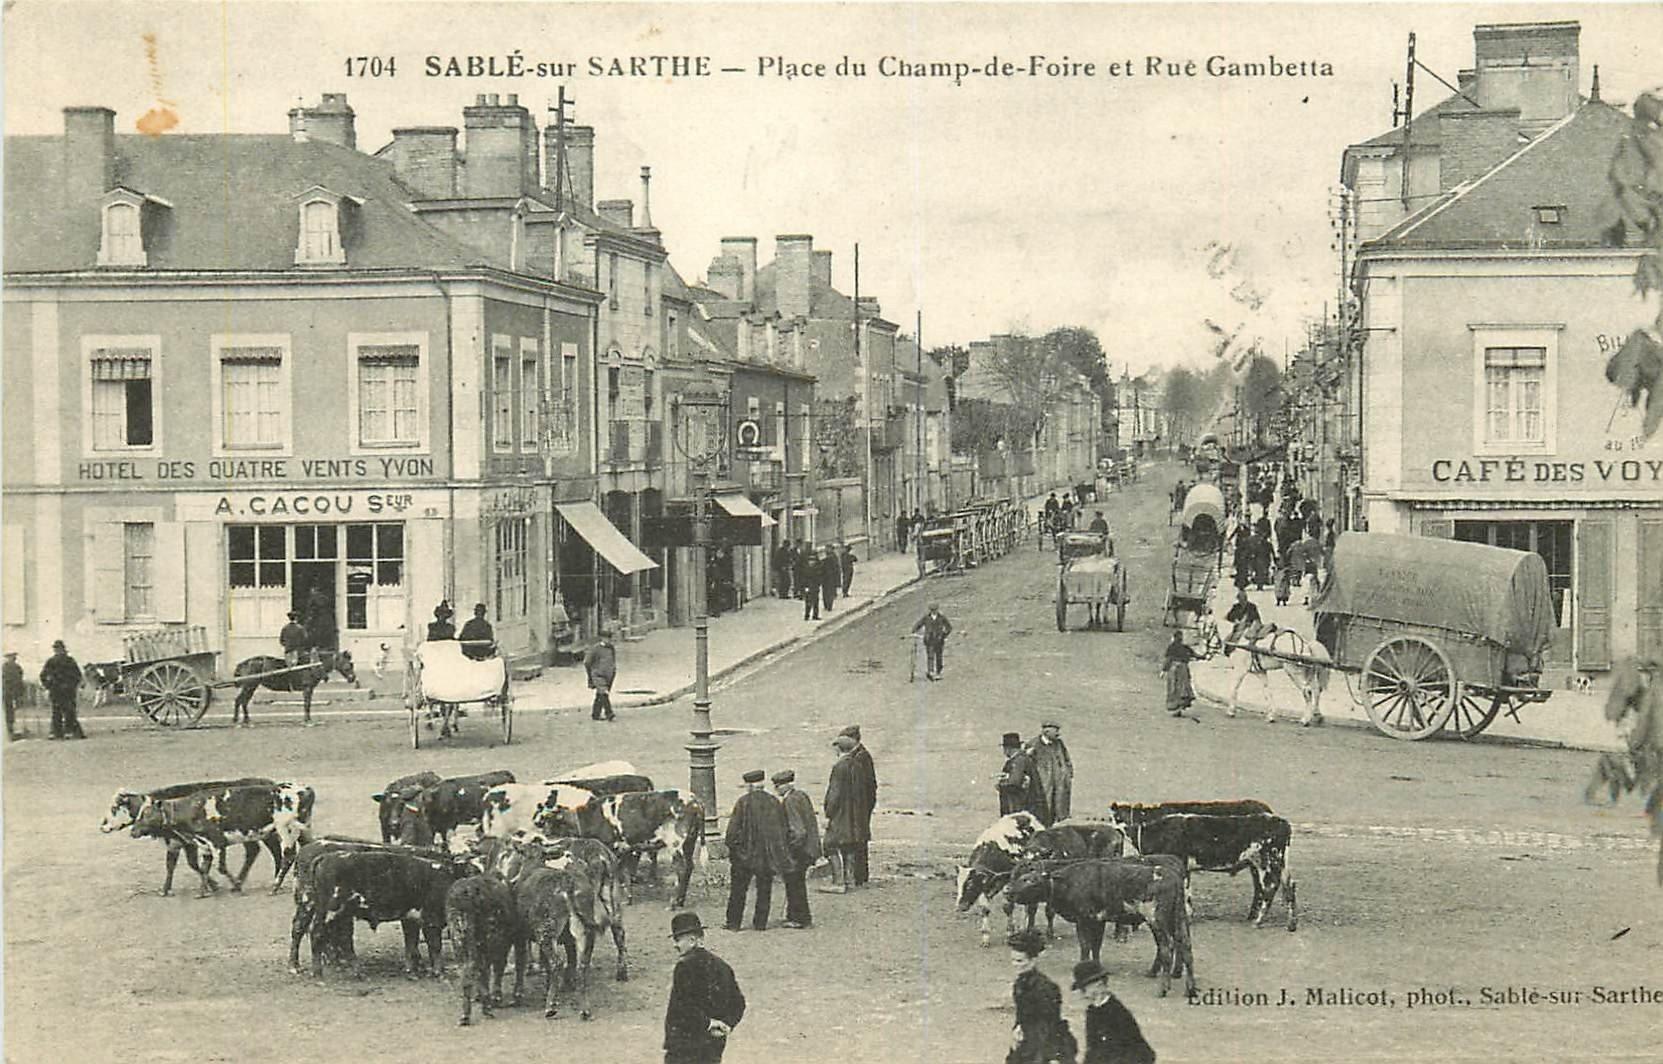 72 sable sur sarthe vaches sur place du champ de foire et rue gambetta h tel et caf 1915. Black Bedroom Furniture Sets. Home Design Ideas